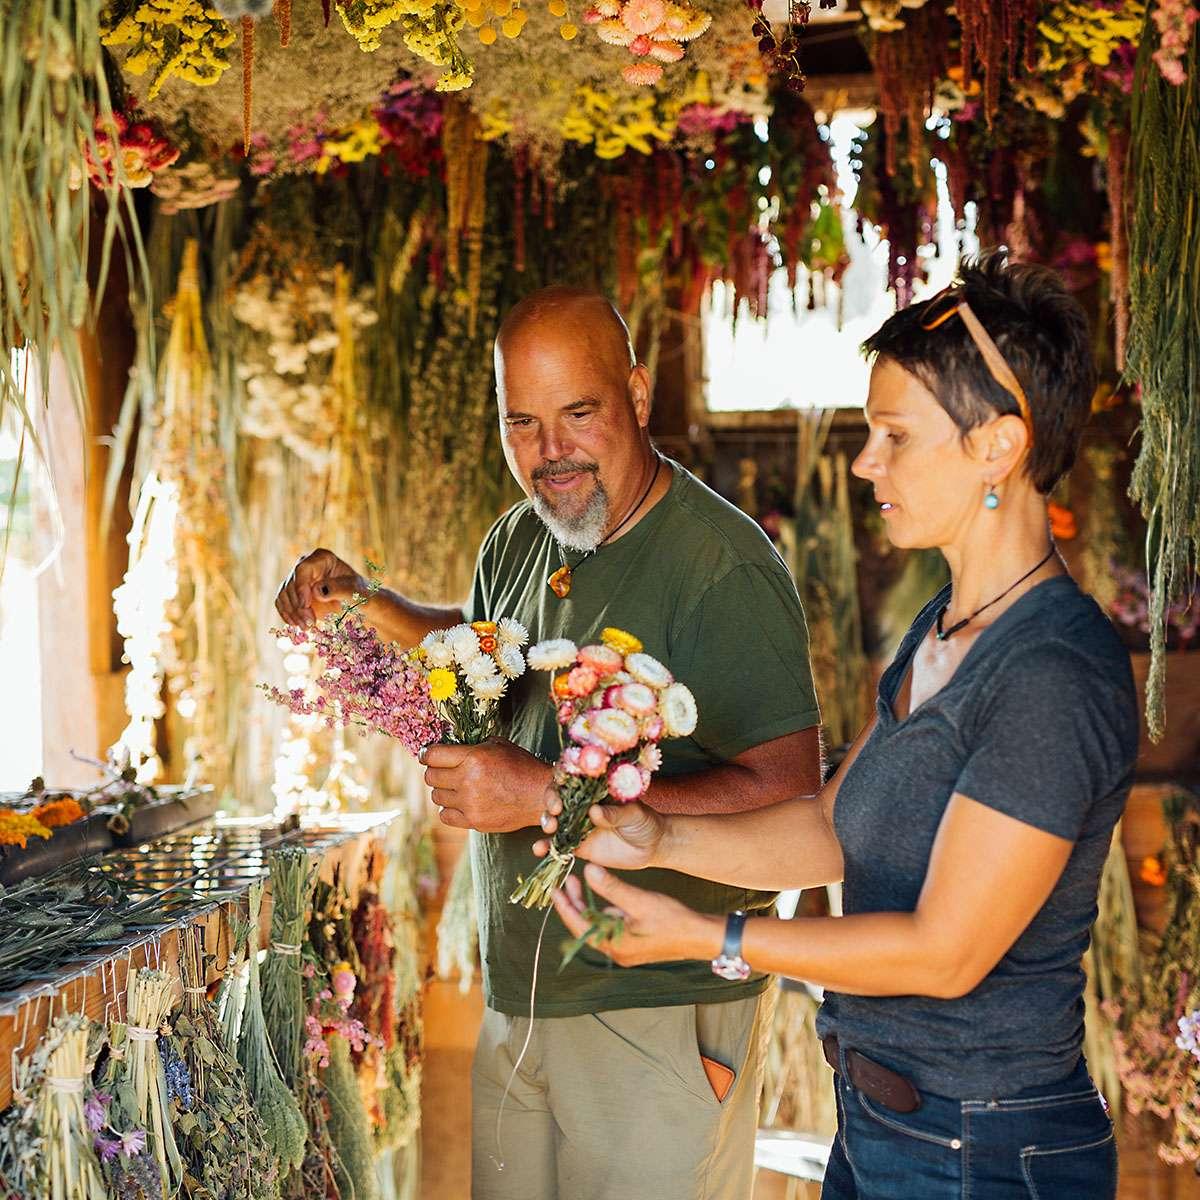 Botanical art created by owners of Calendula Farm & Earthworks